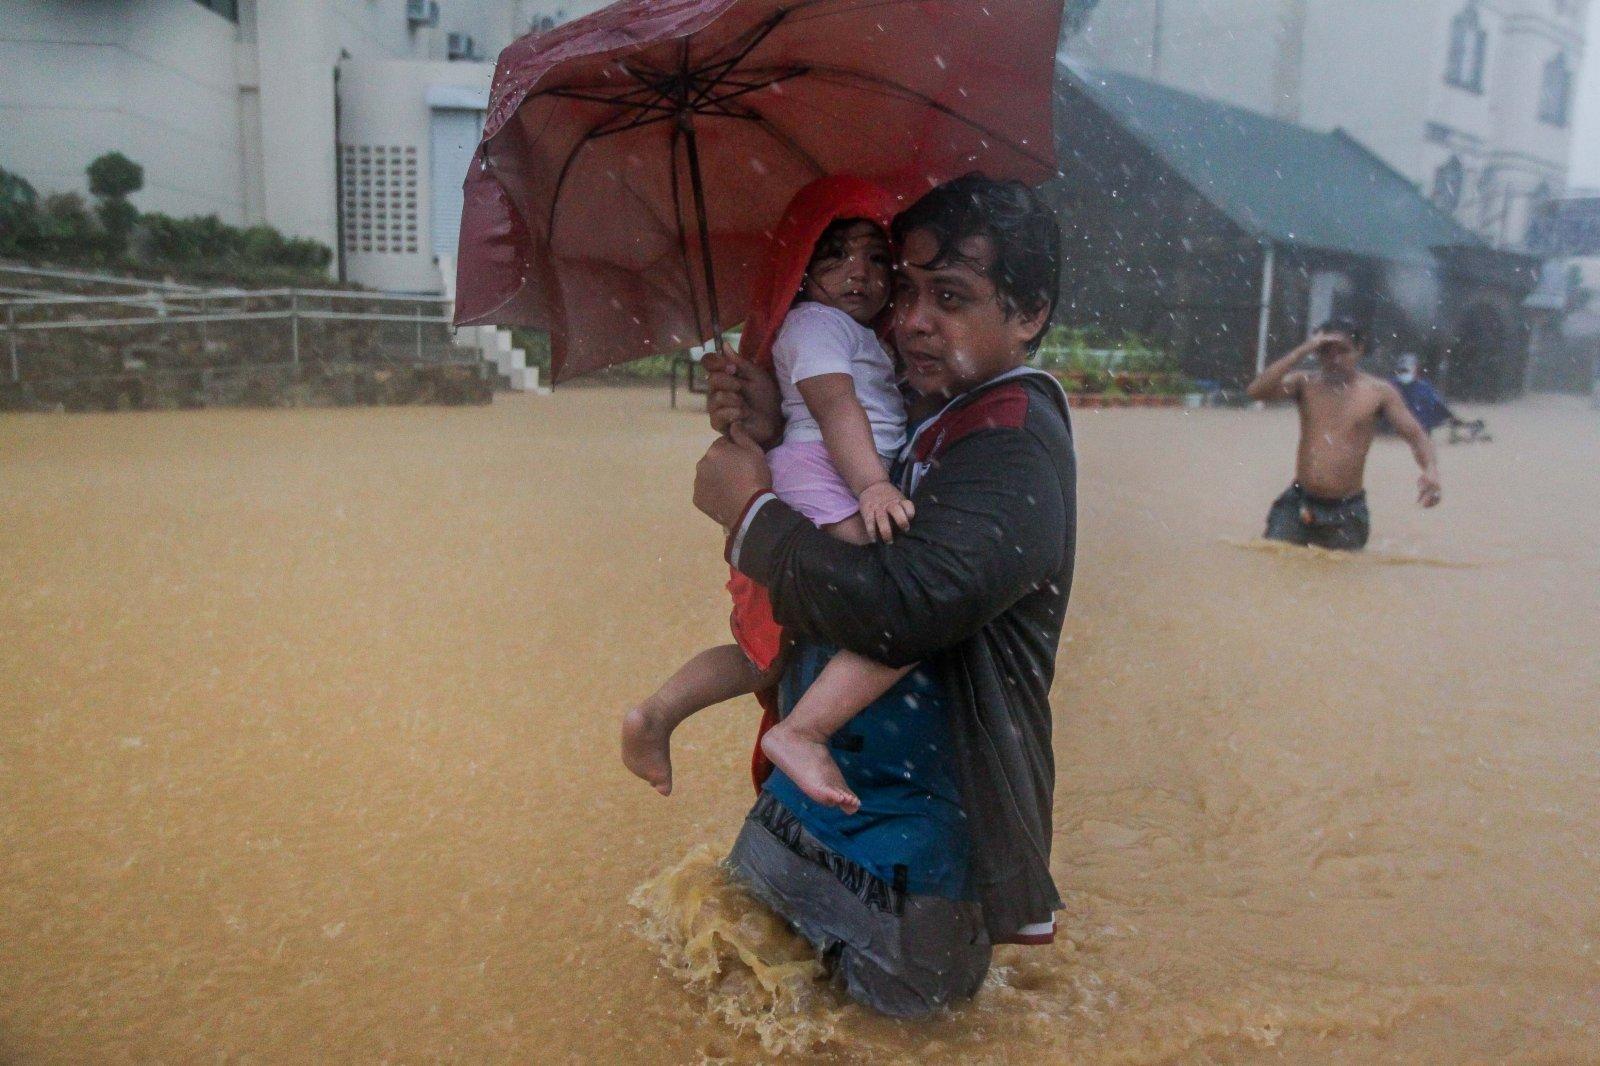 11月12日,在菲律賓馬尼拉,當地居民在洪水中前行。